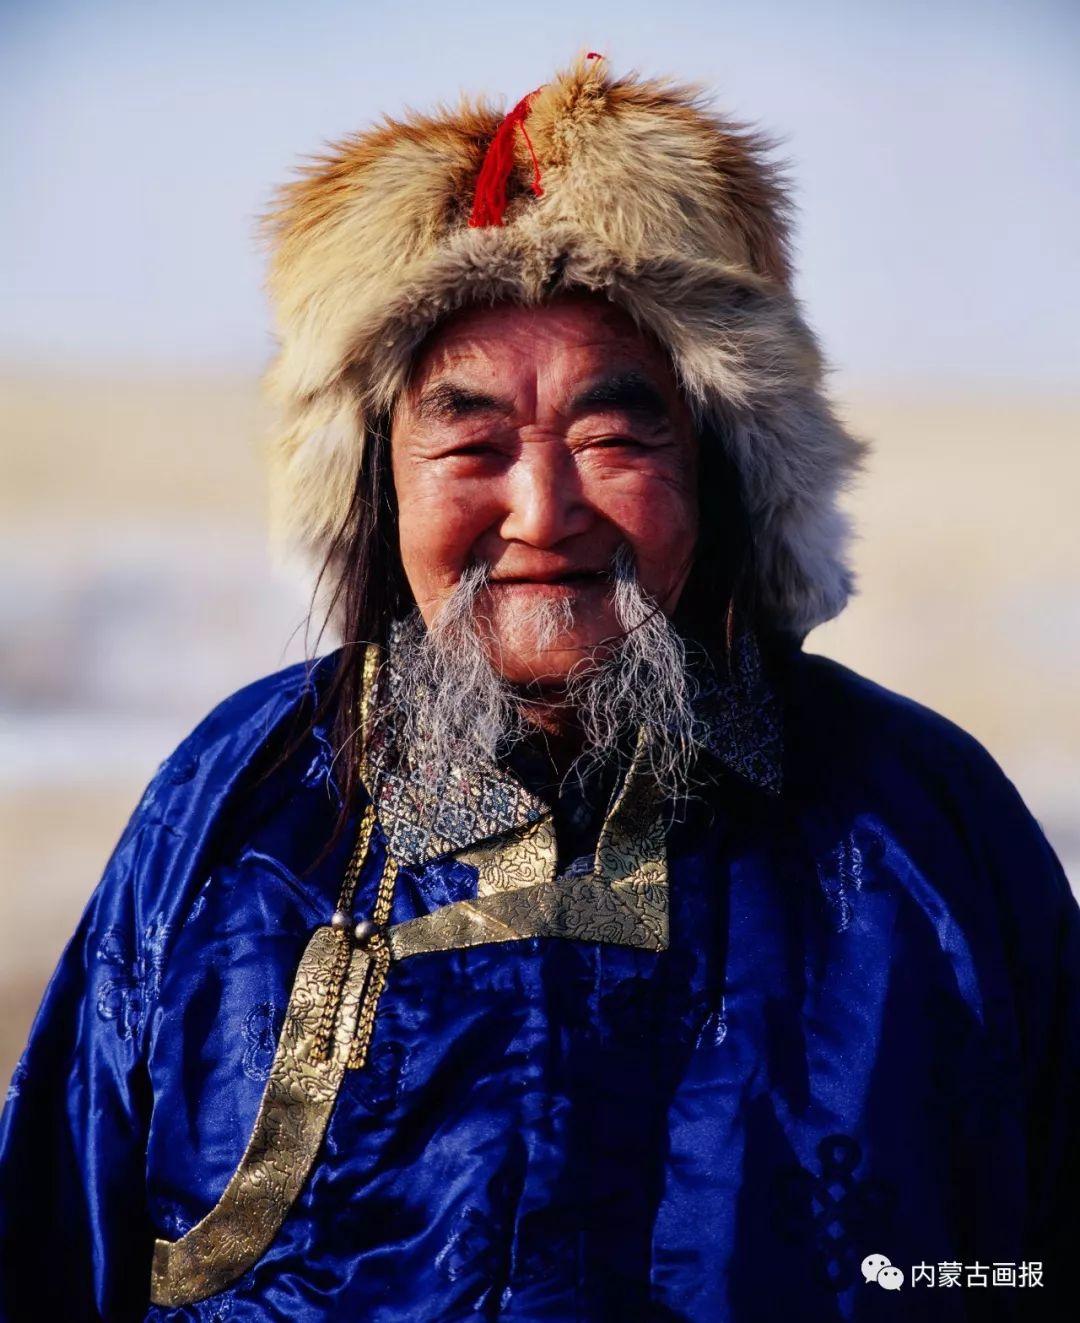 服饰之首——蒙古族冠帽 第13张